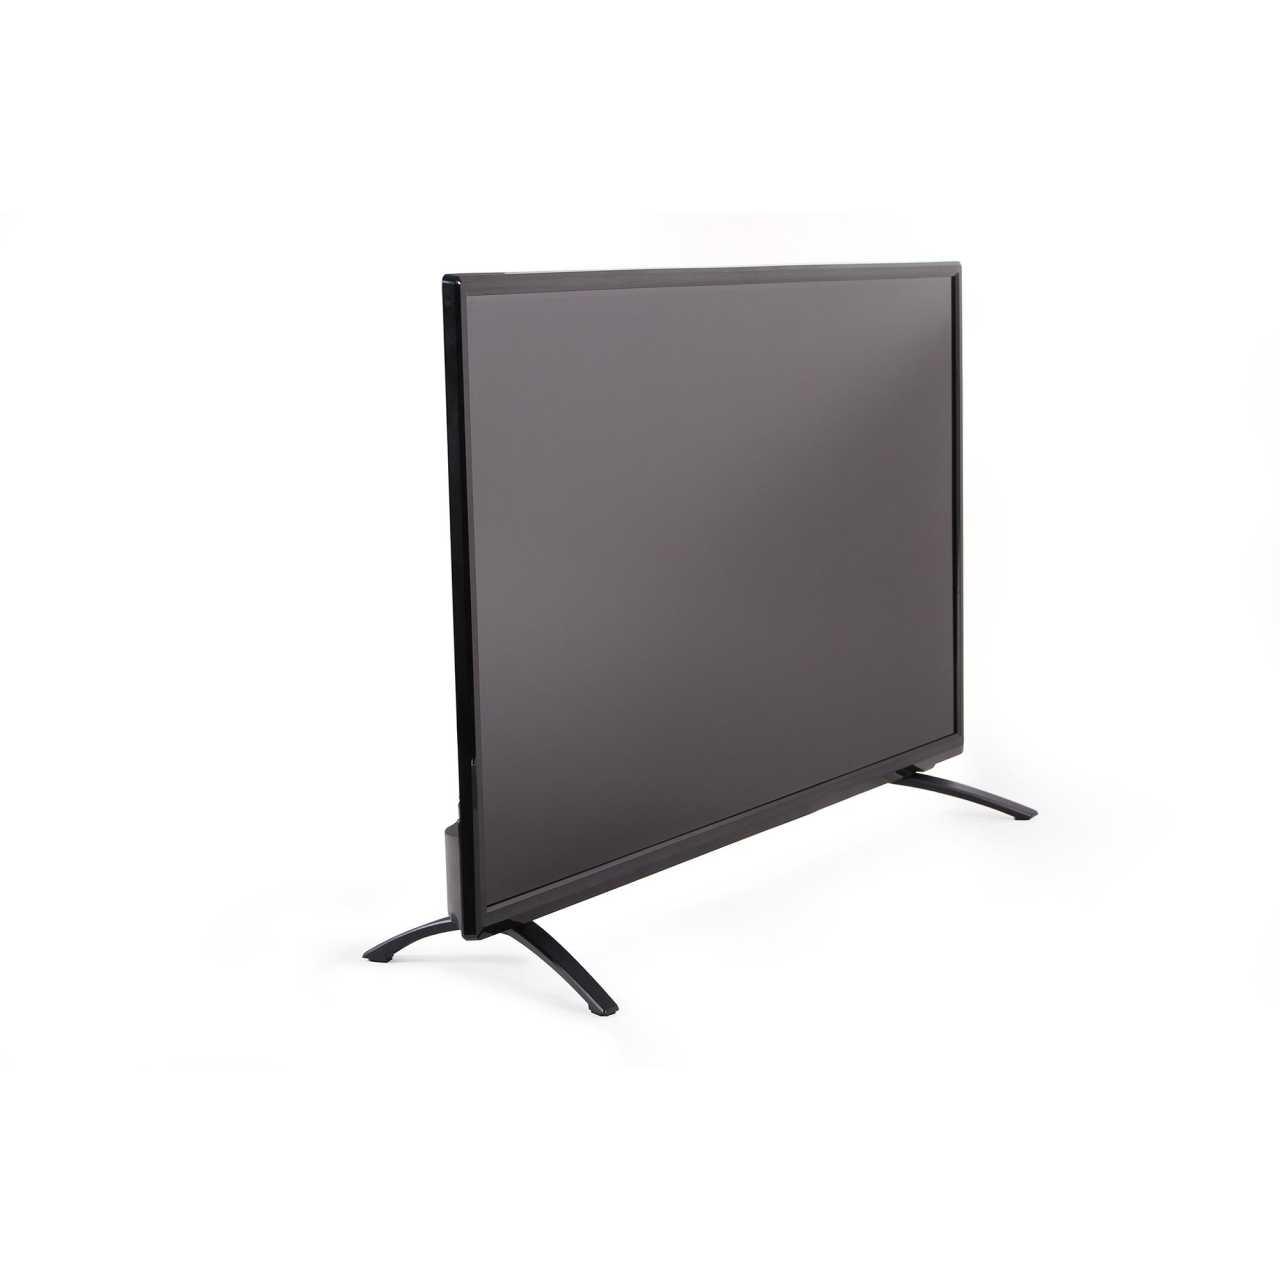 Opticum LED TV 40 Zoll Full HD CI+ DVB-S2/T2/C H.265 HEVC Fernseher Schwarz LEDOPT004